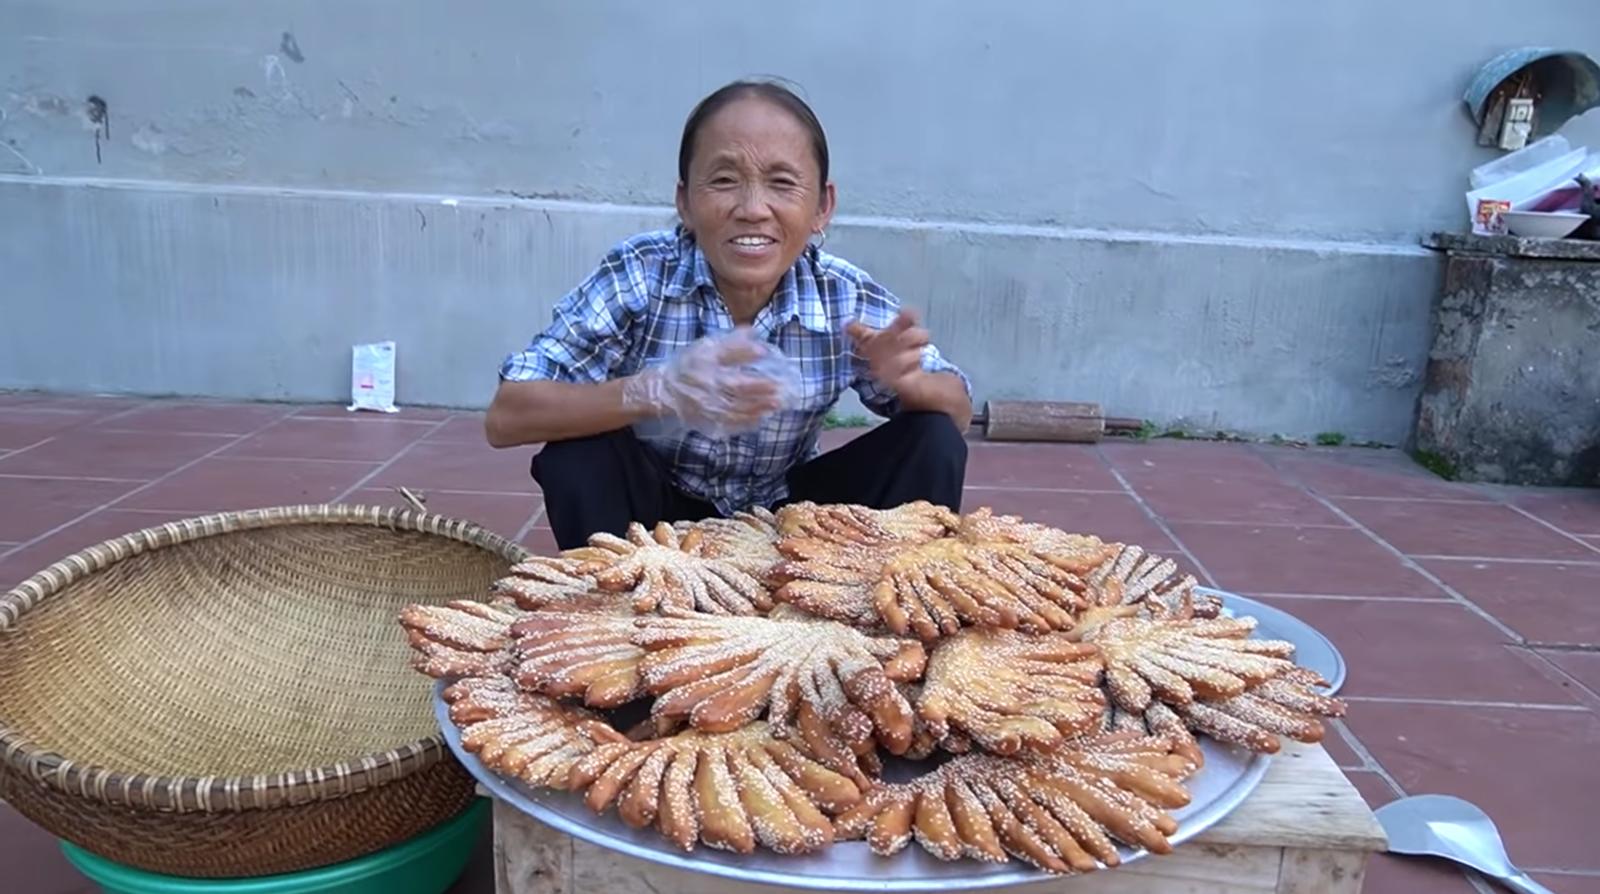 Chưa hết 'hoảng hồn' với món bánh tiêu phiên bản 'kinh dị' của Bà Tân Vlog, dân mạng lại phát hiện thêm sự cố mất vệ sinh - Ảnh 7